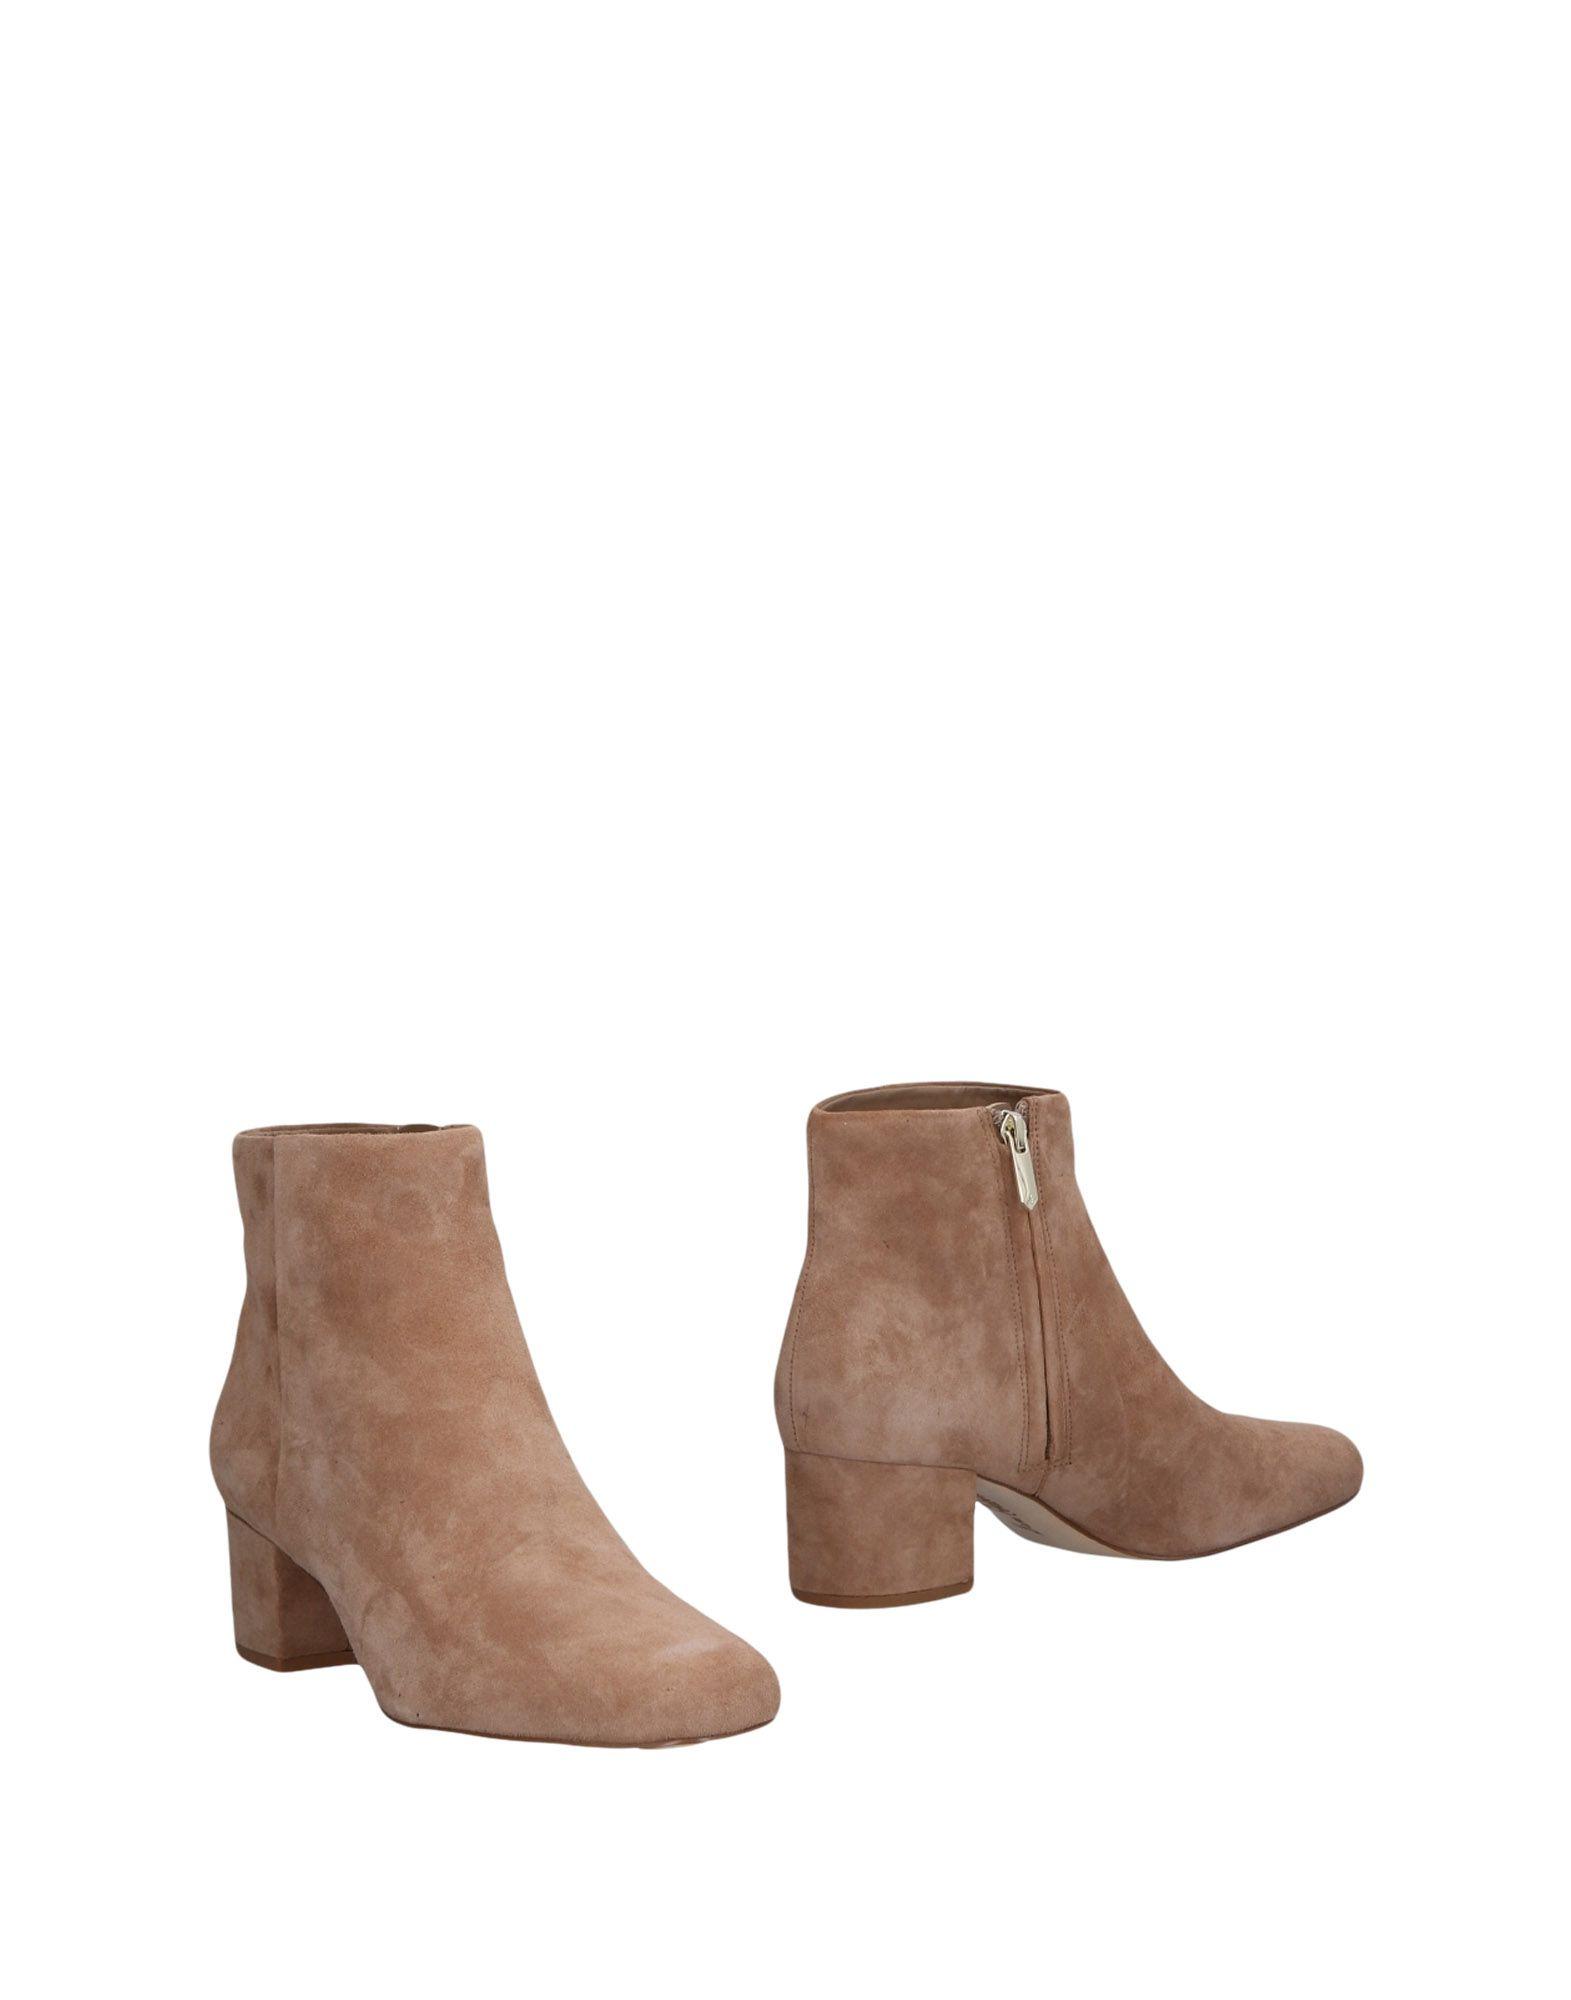 Sam Edelman Stiefelette Damen  11474873KD Gute Qualität beliebte Schuhe